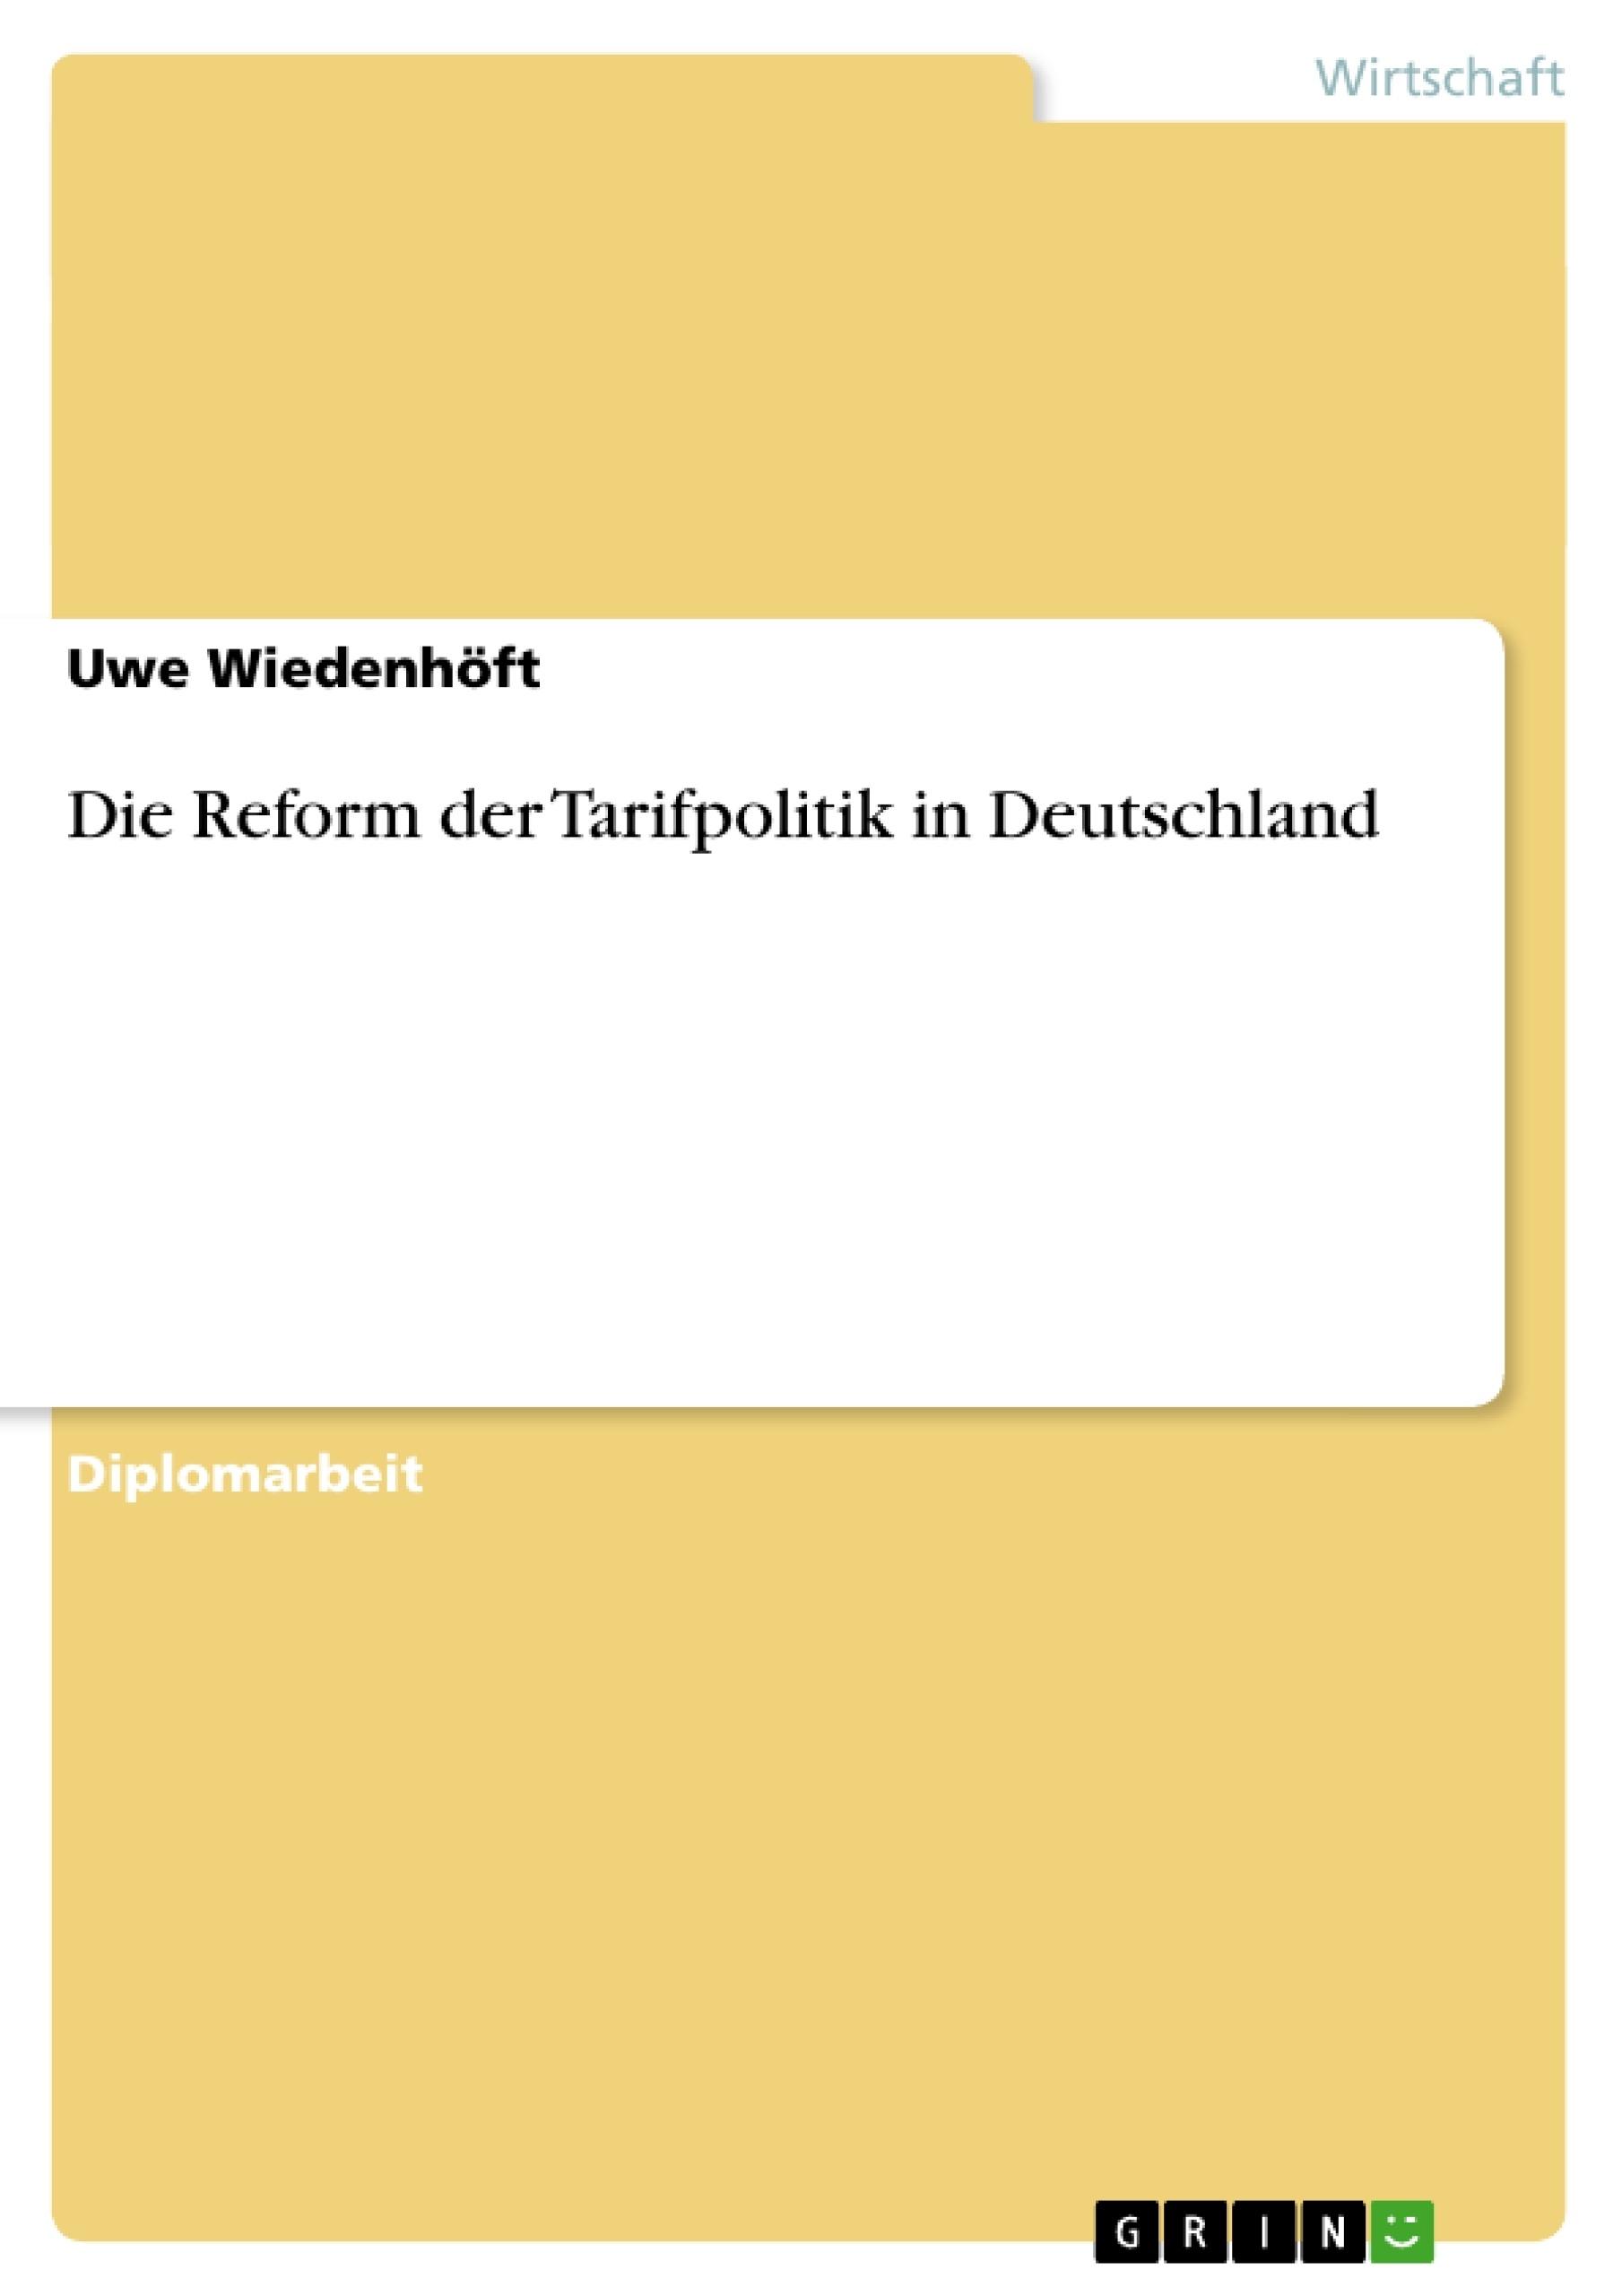 Titel: Die Reform der Tarifpolitik in Deutschland